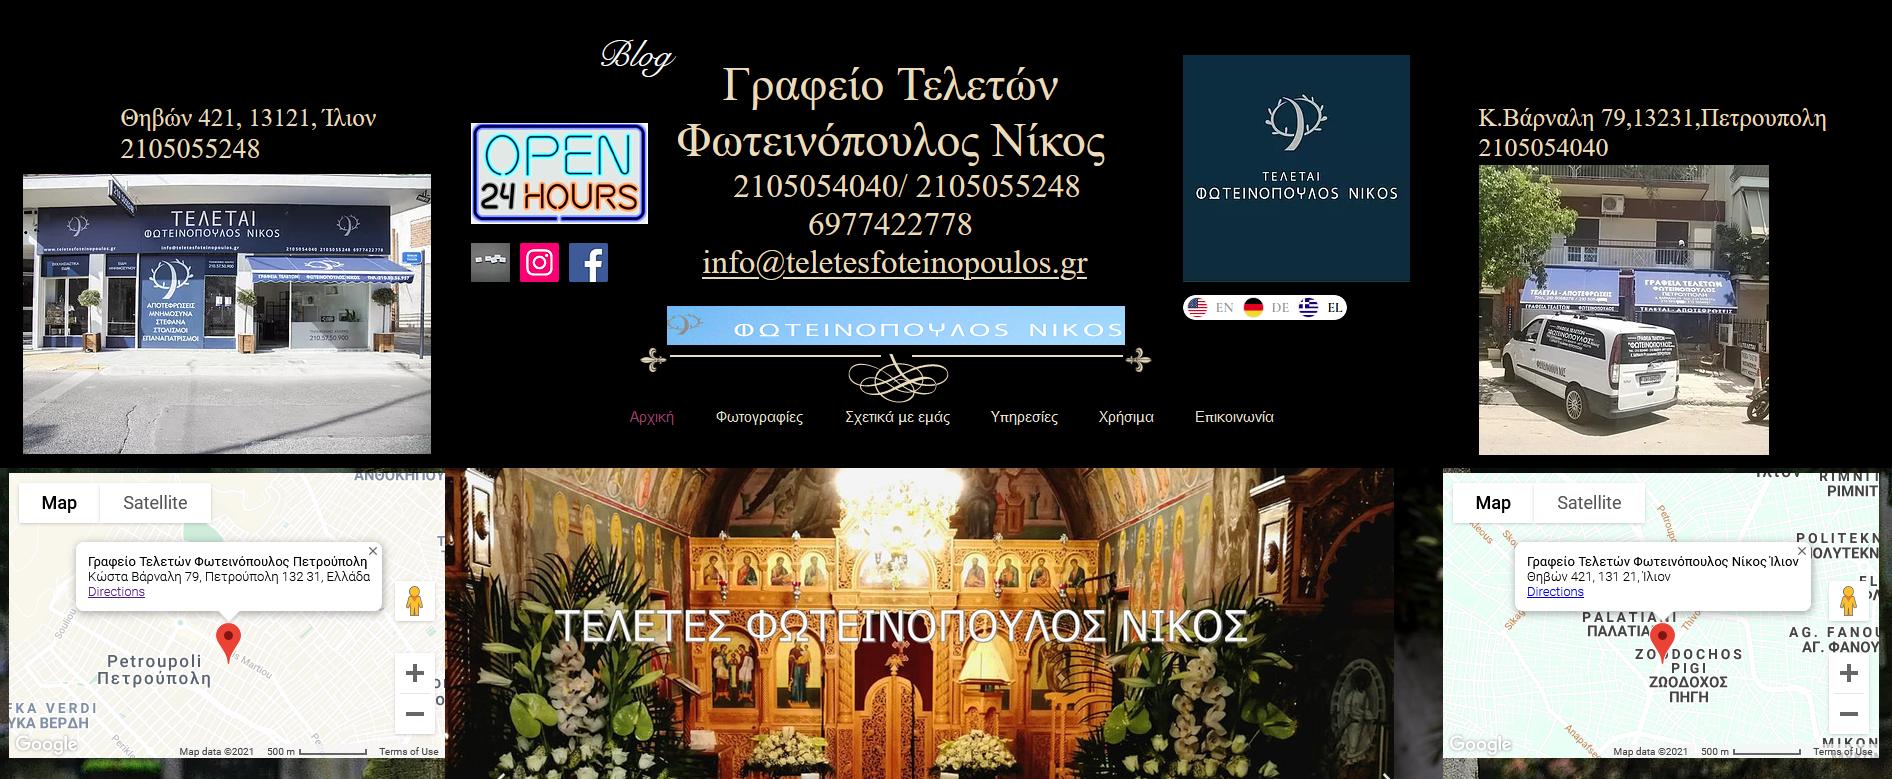 blog fotinopoulos